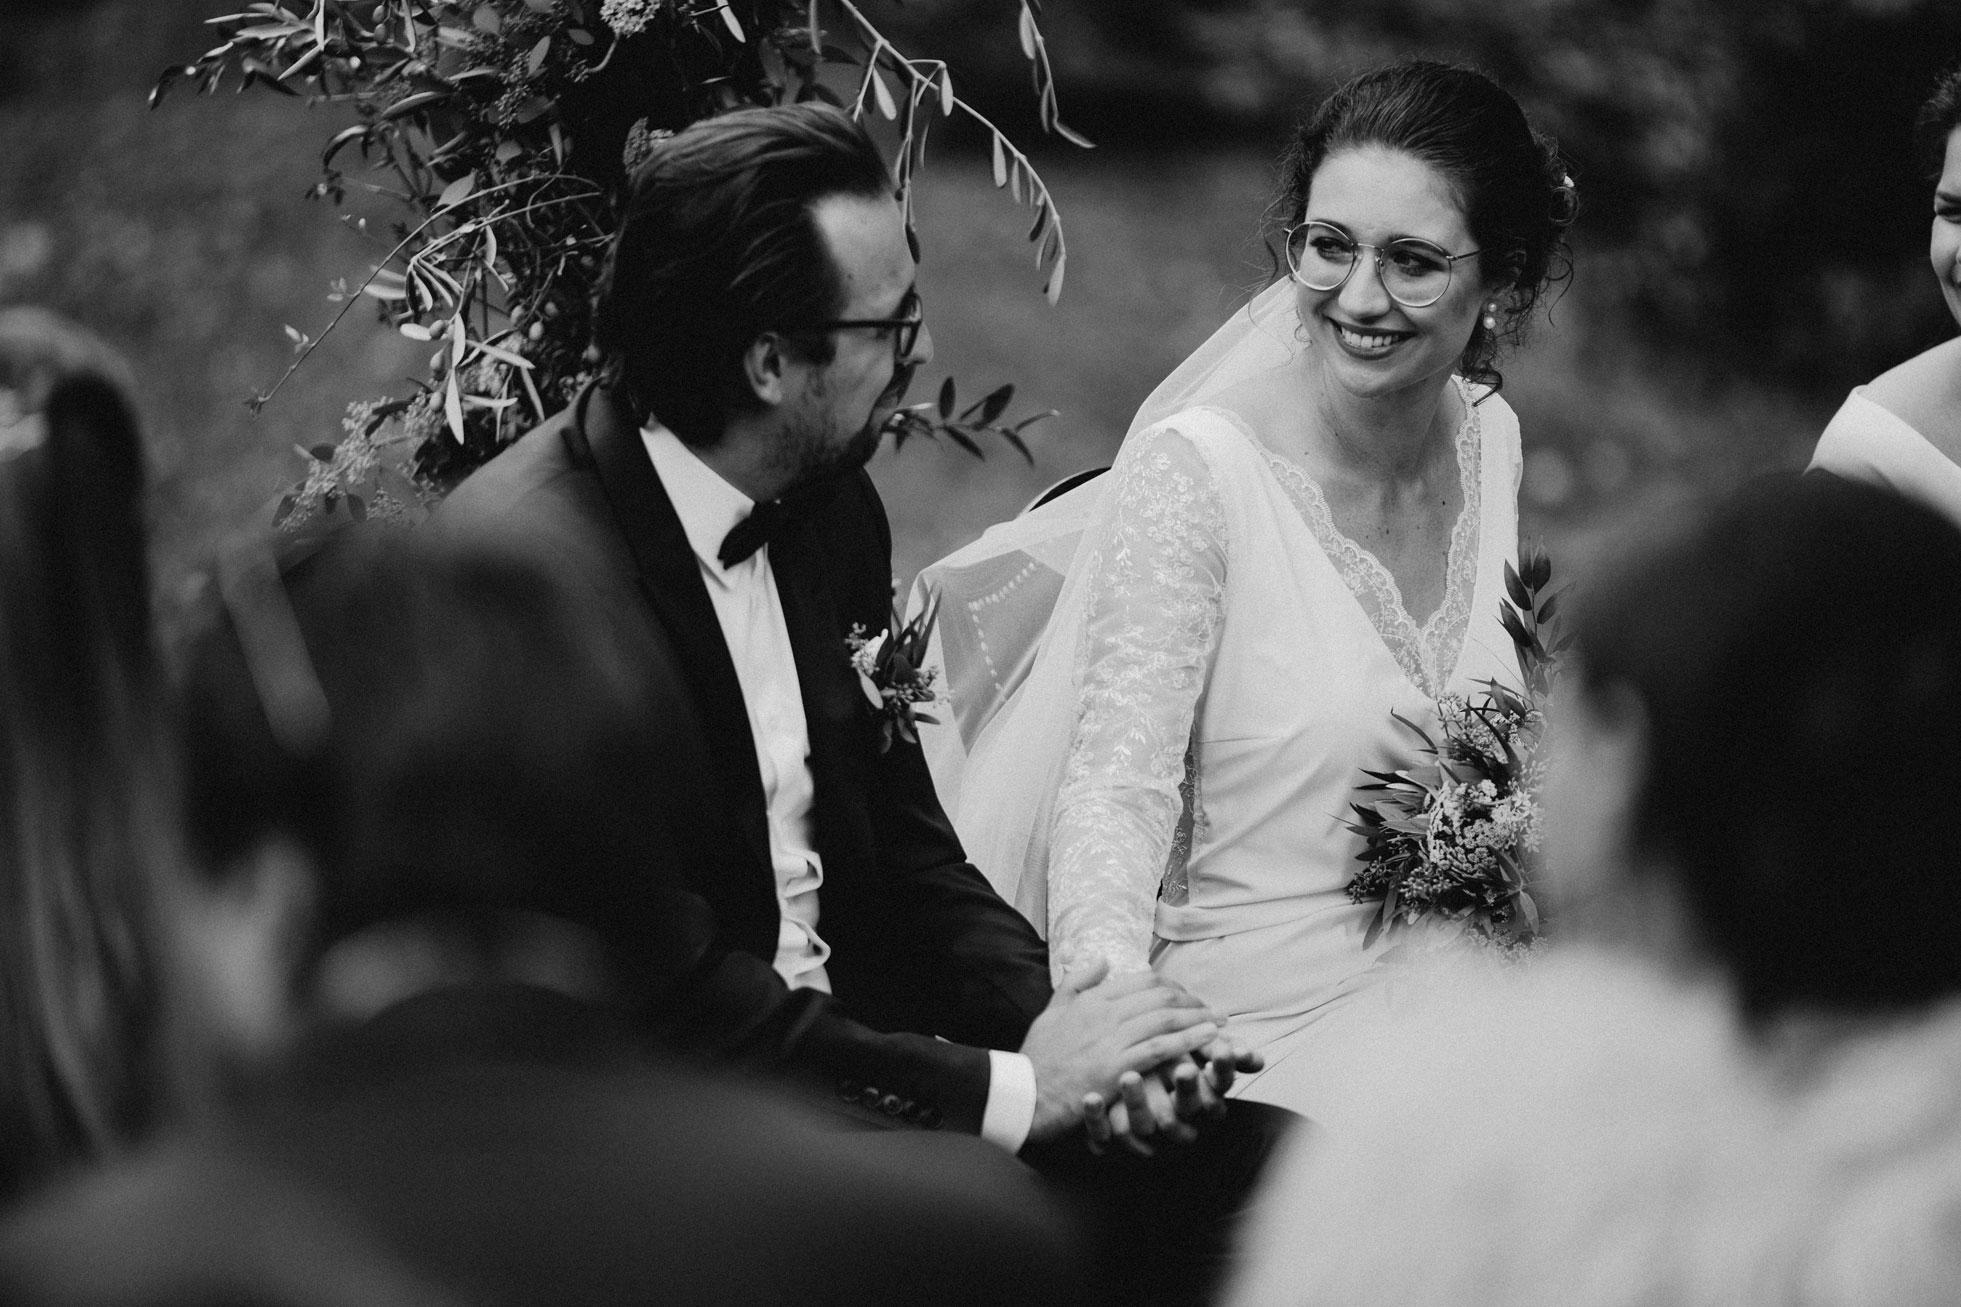 Hochzeit_Claire_Manuel_Villa_Maund_Daniel_Jenny-146.jpg